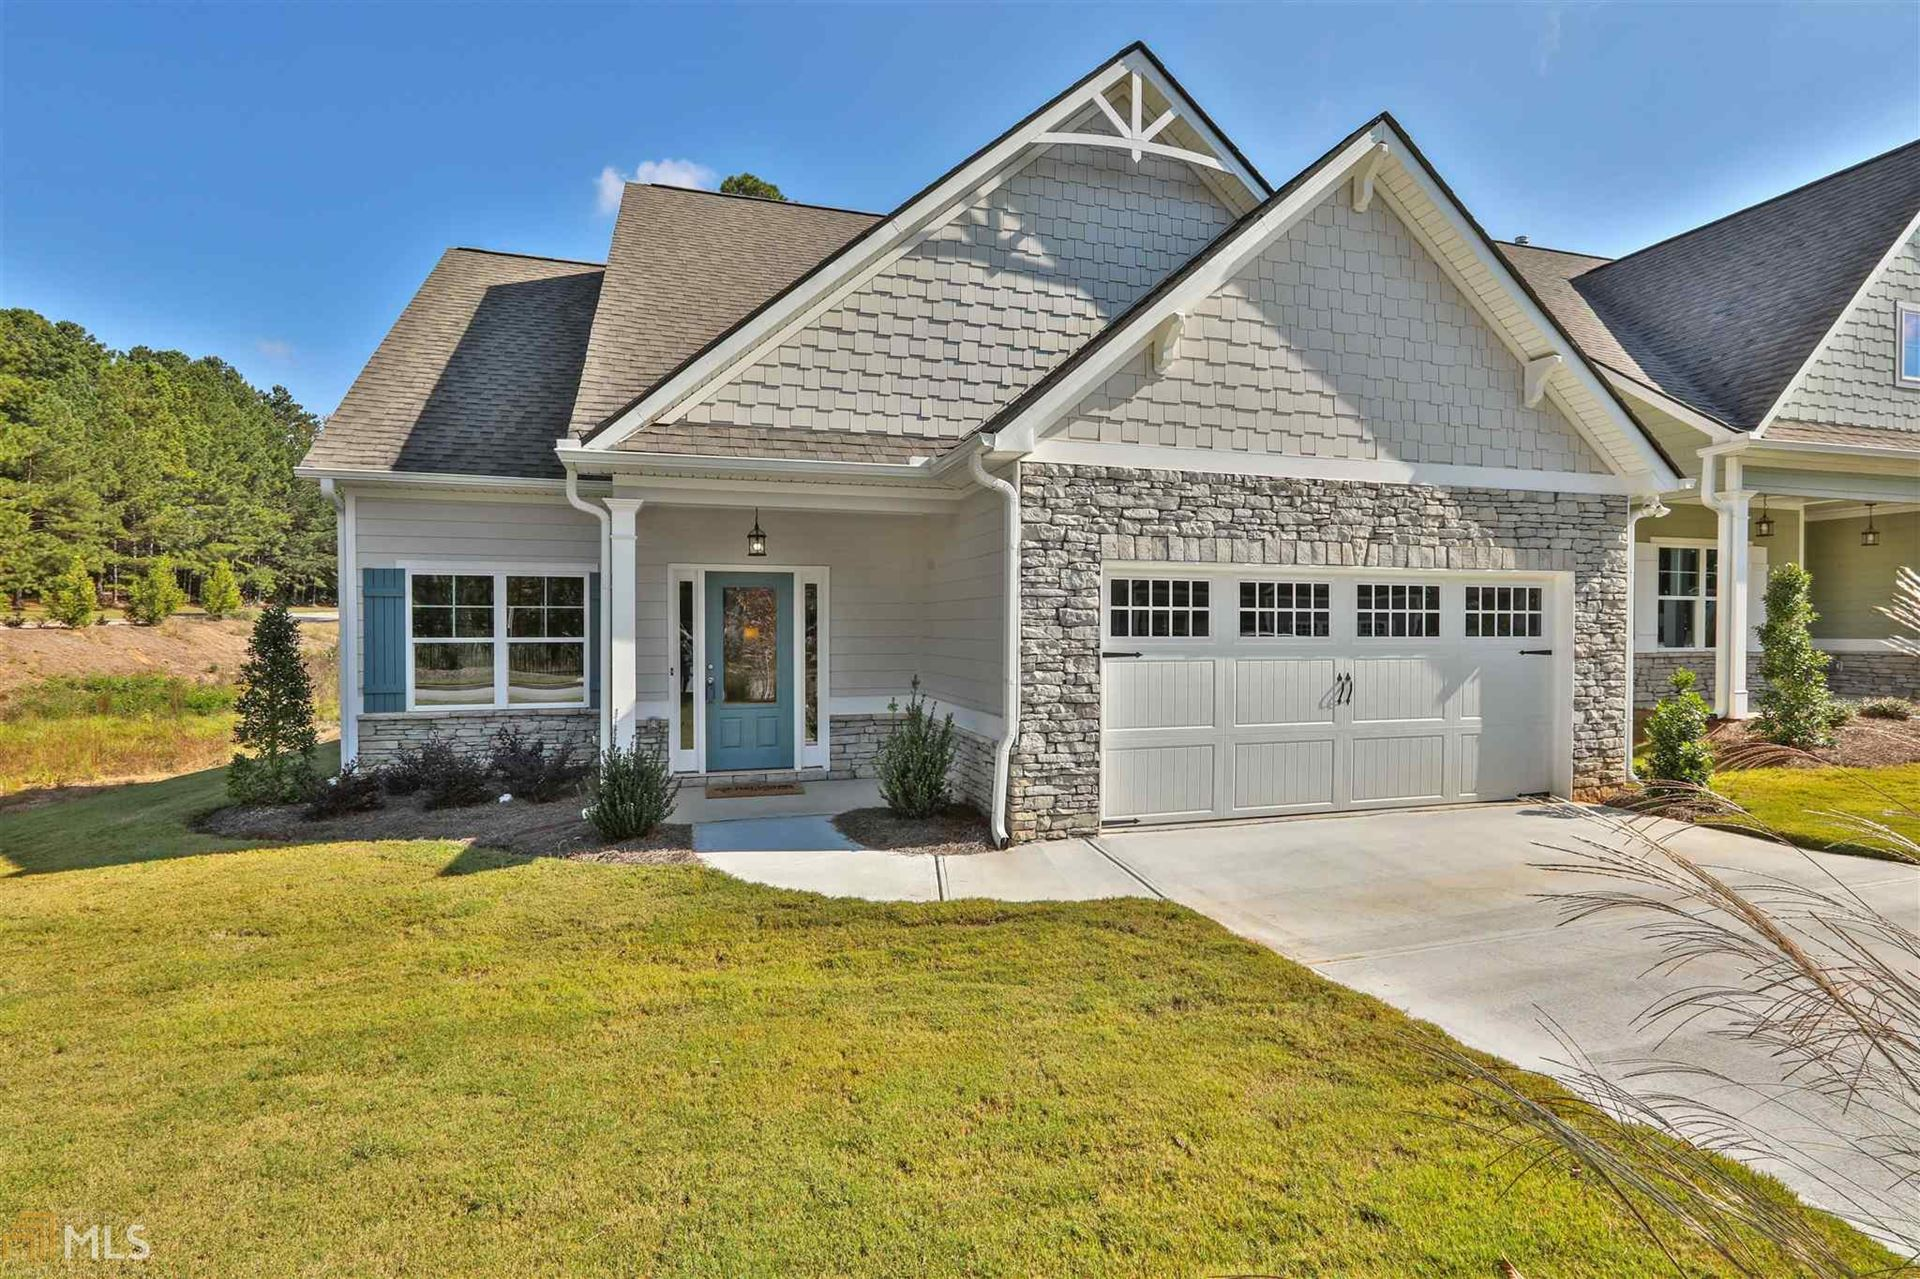 Lot 16 Georgian Oaks Ct, Newnan, GA 30265 - MLS#: 8635064